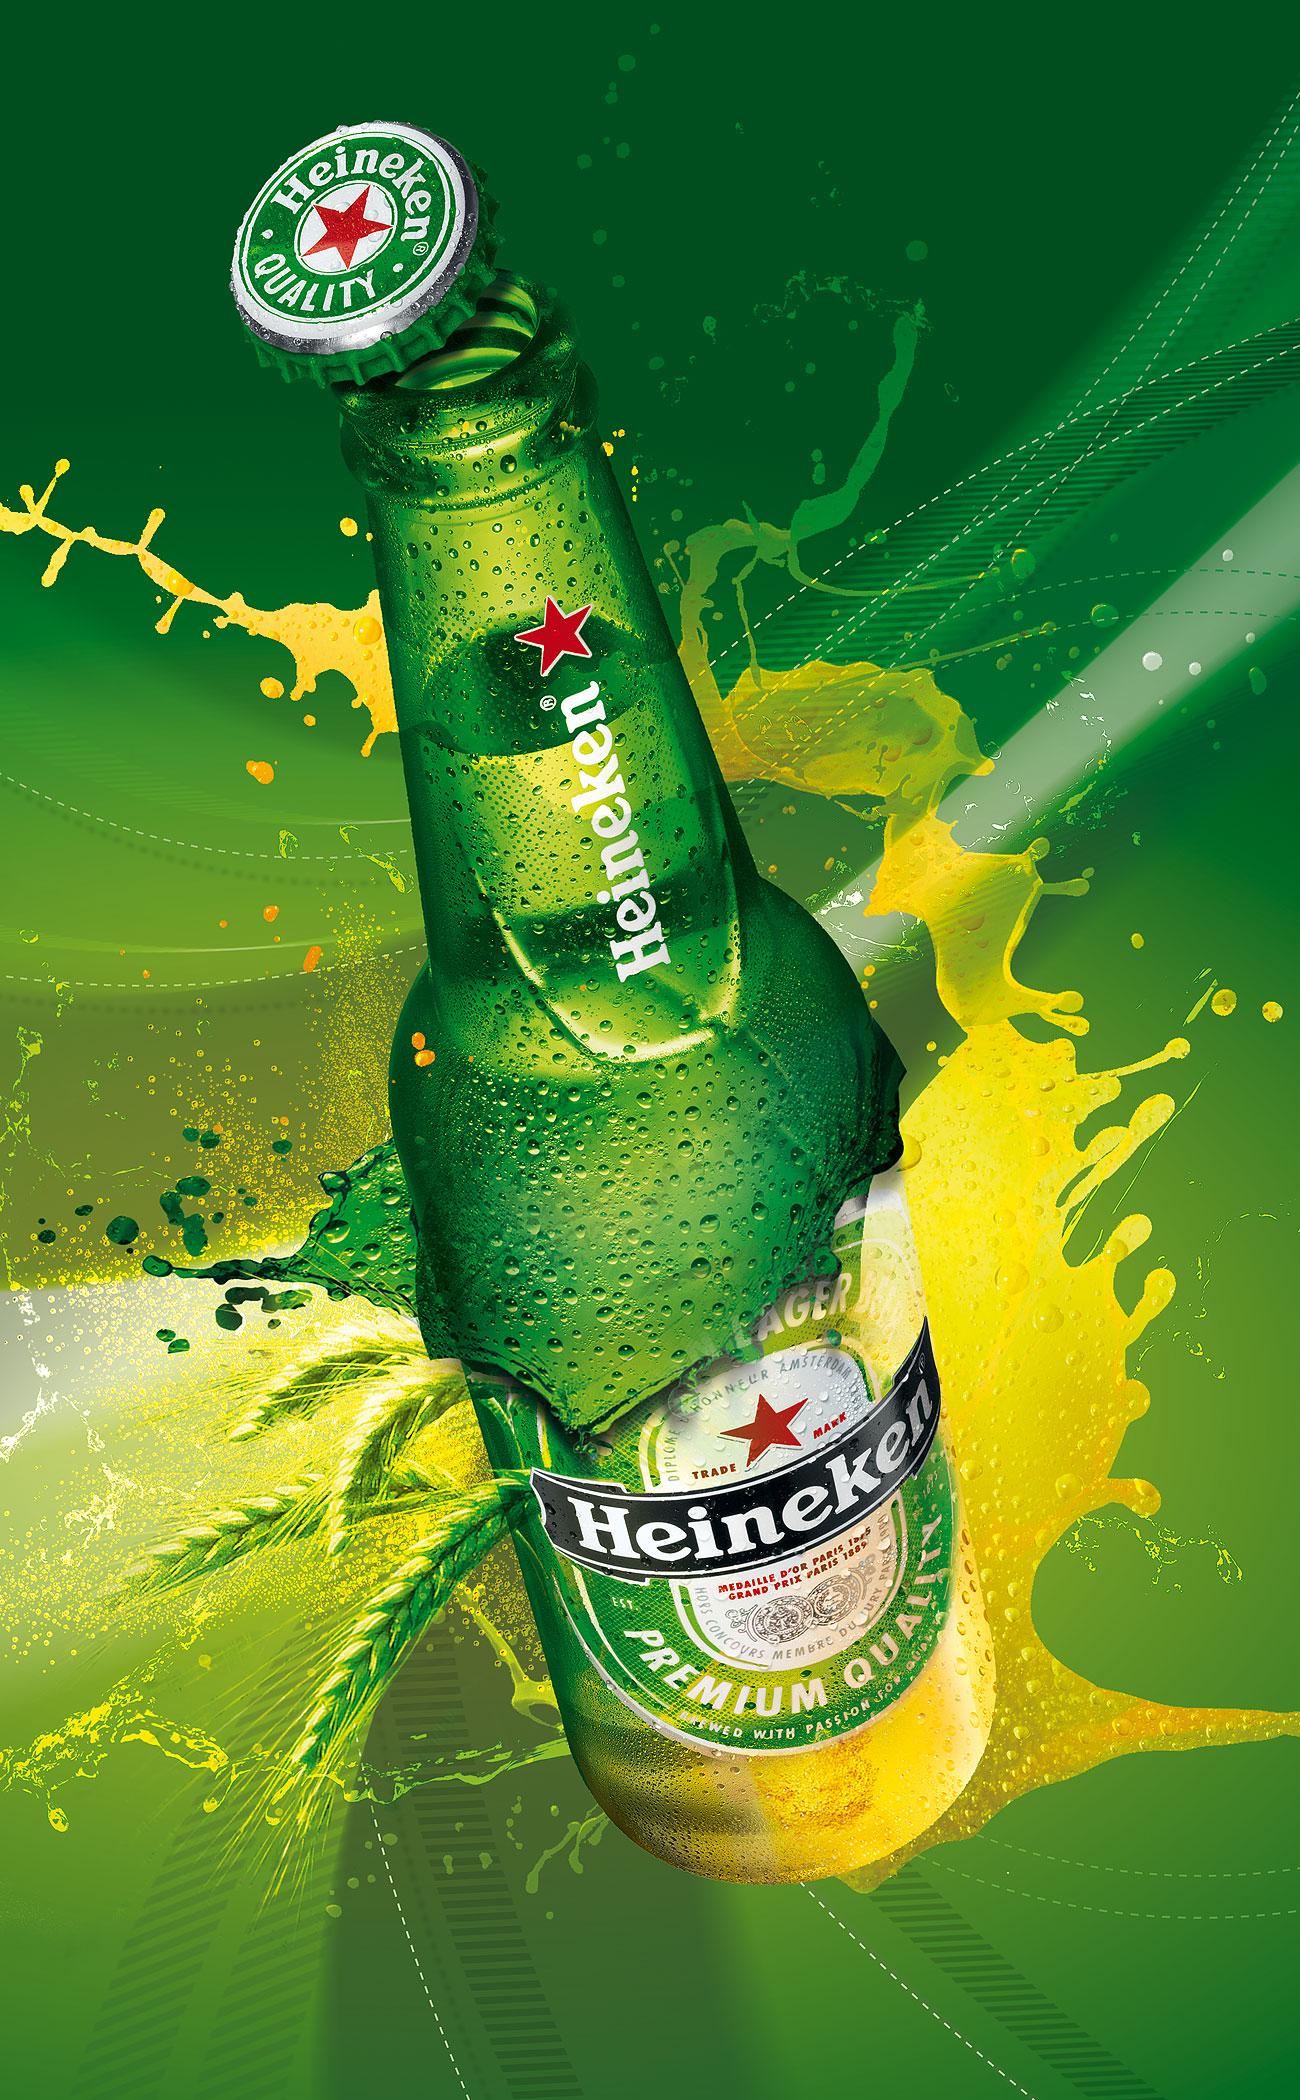 Heineken Realisation Studio28